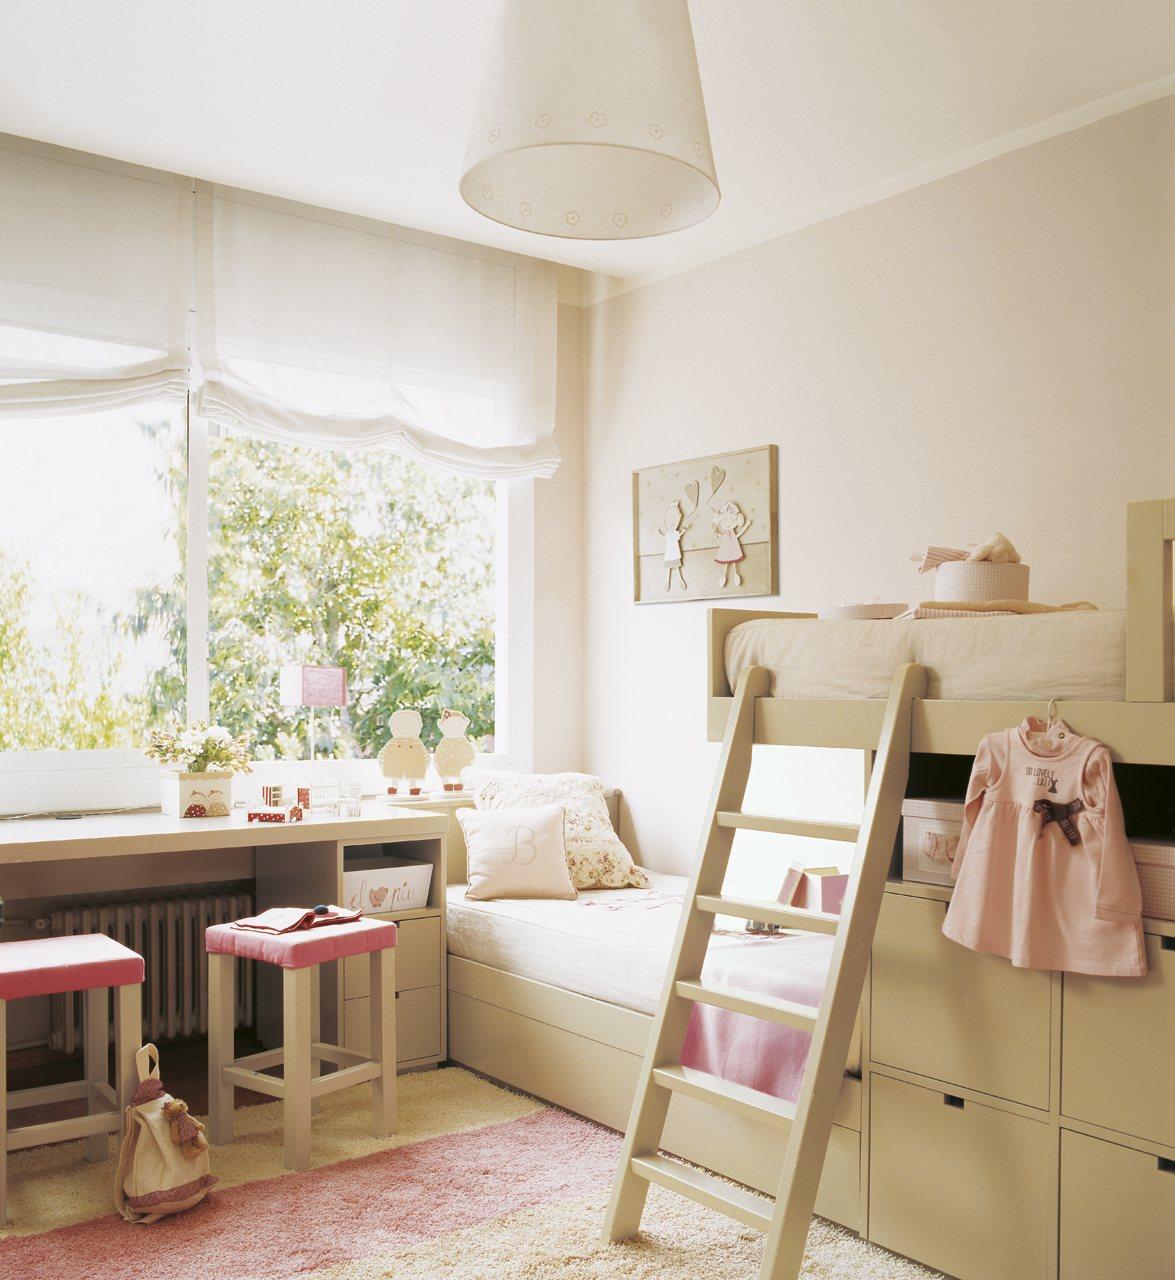 Dormitorios infantiles peque os s cales partido for Dormitorios para ninas 3 anos